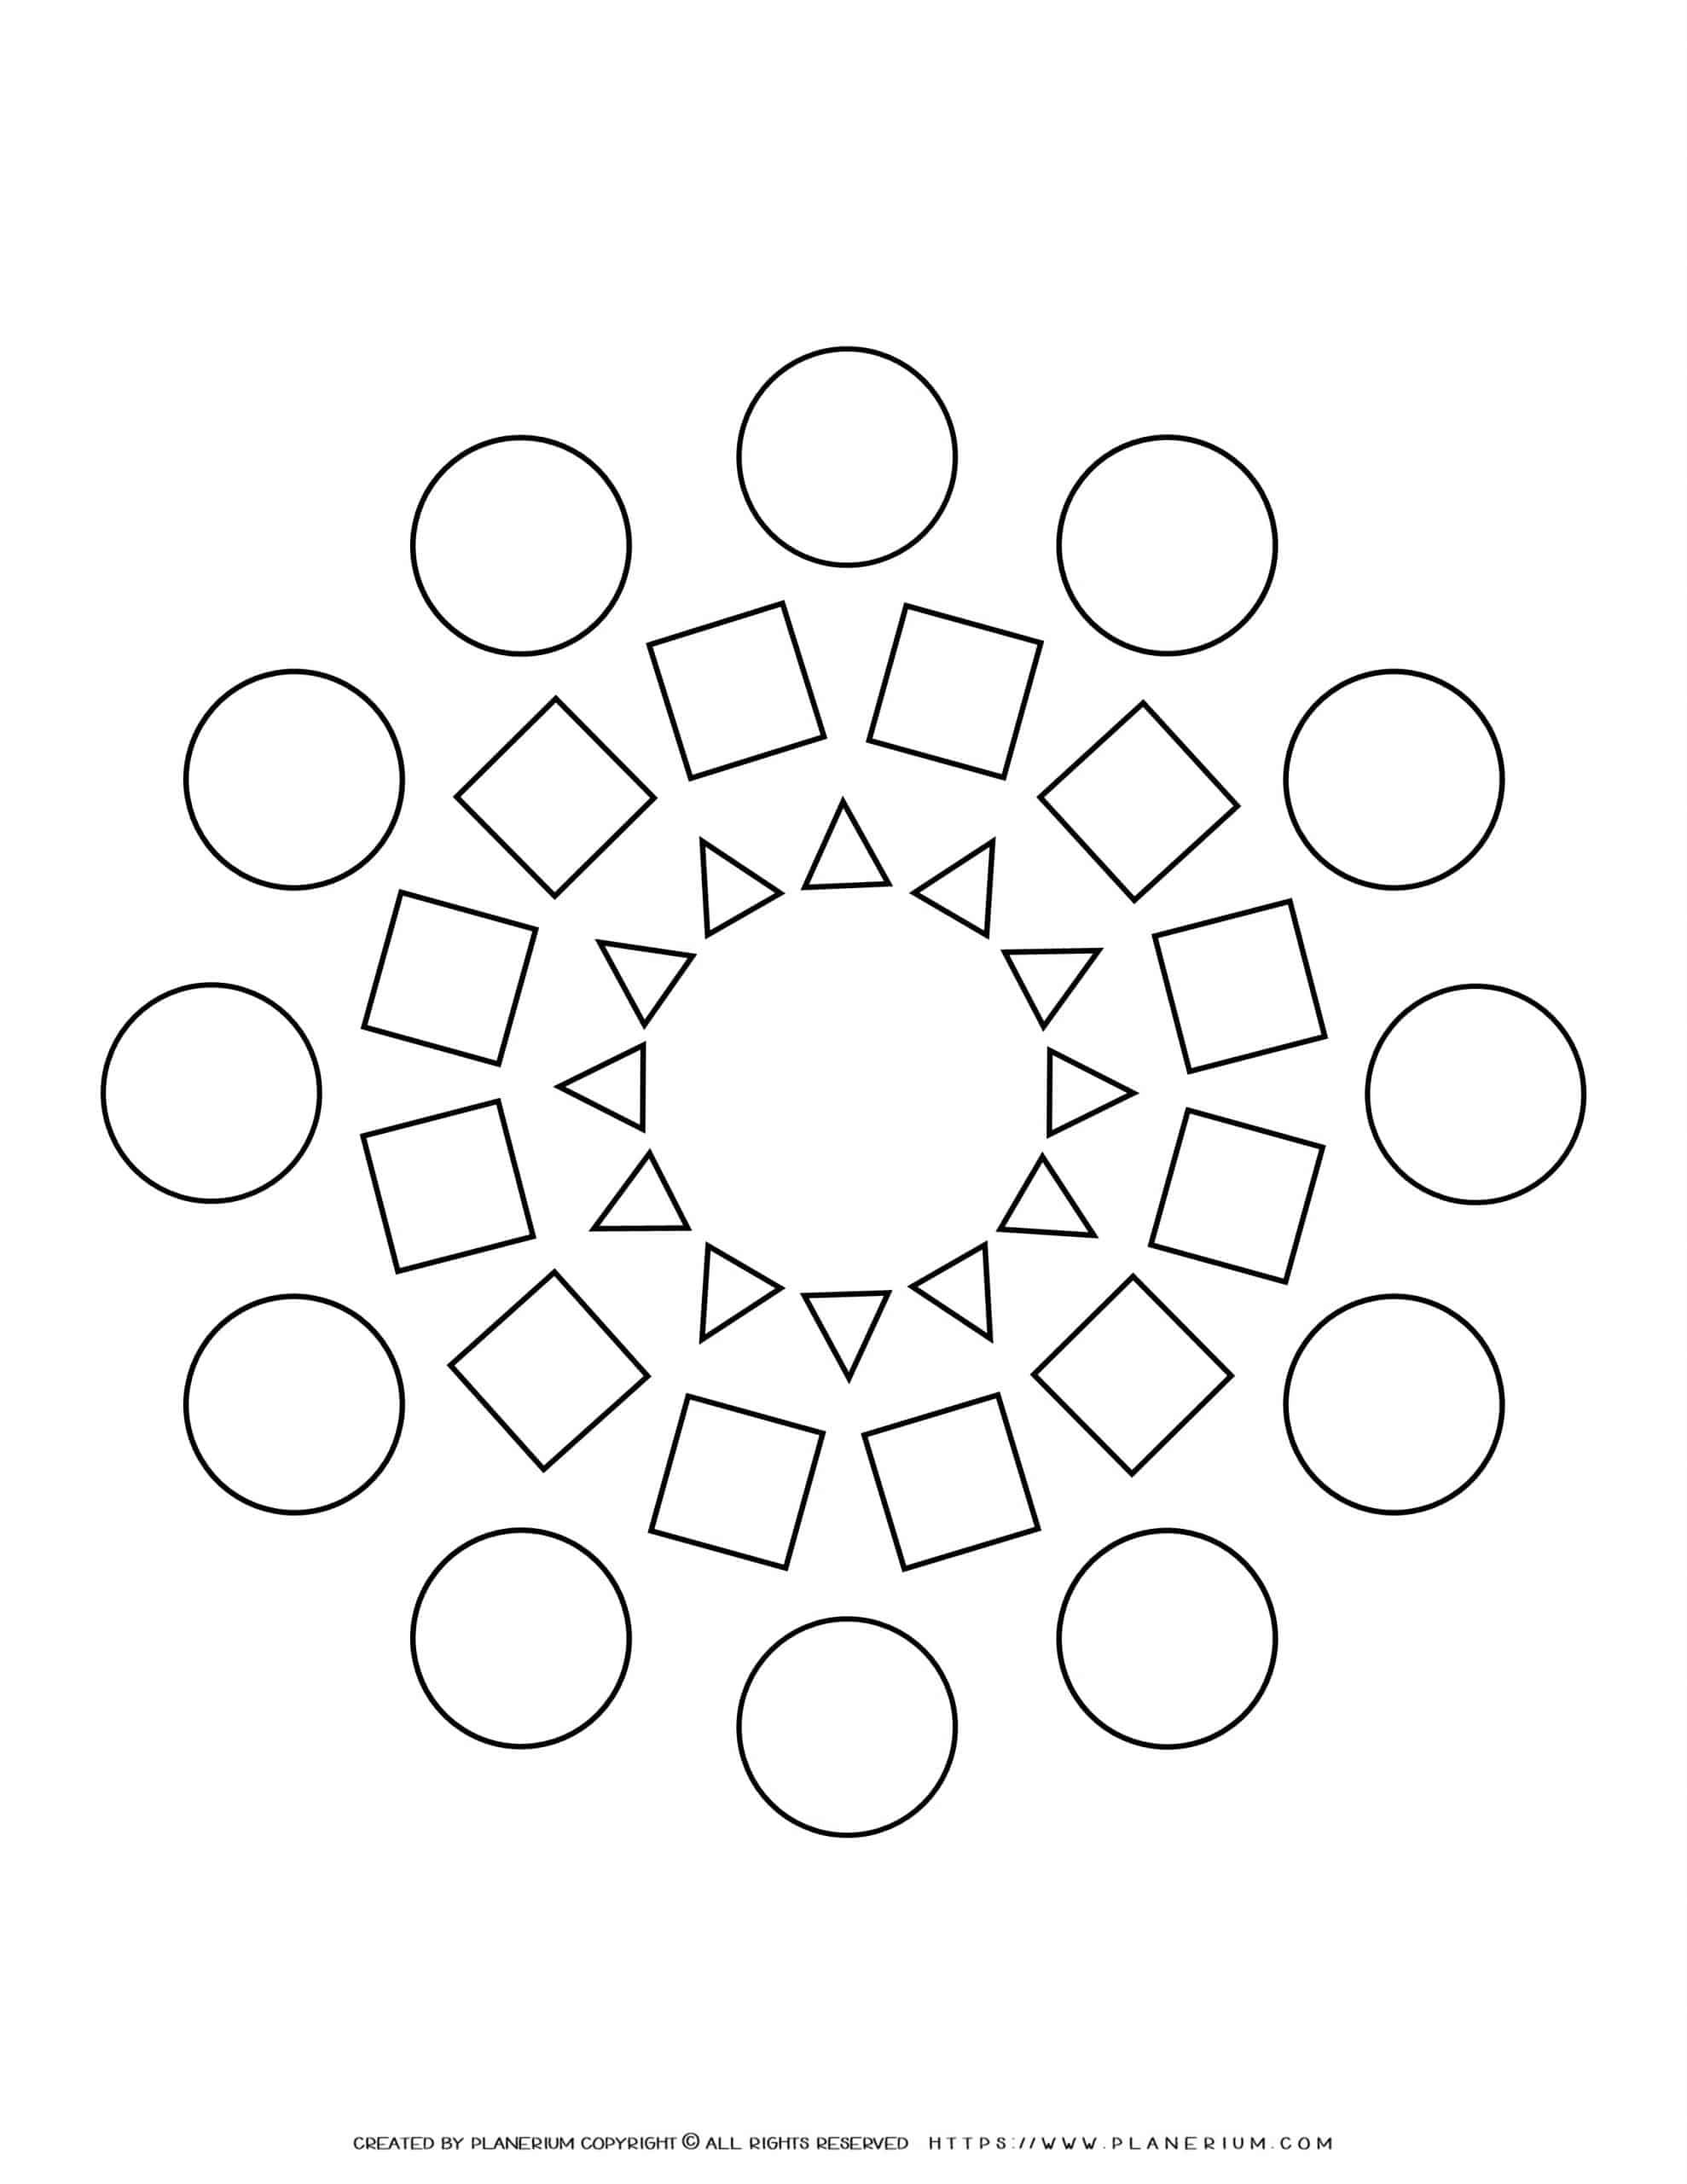 All Seasons - Coloring Page - Mixed Shapes Mandala